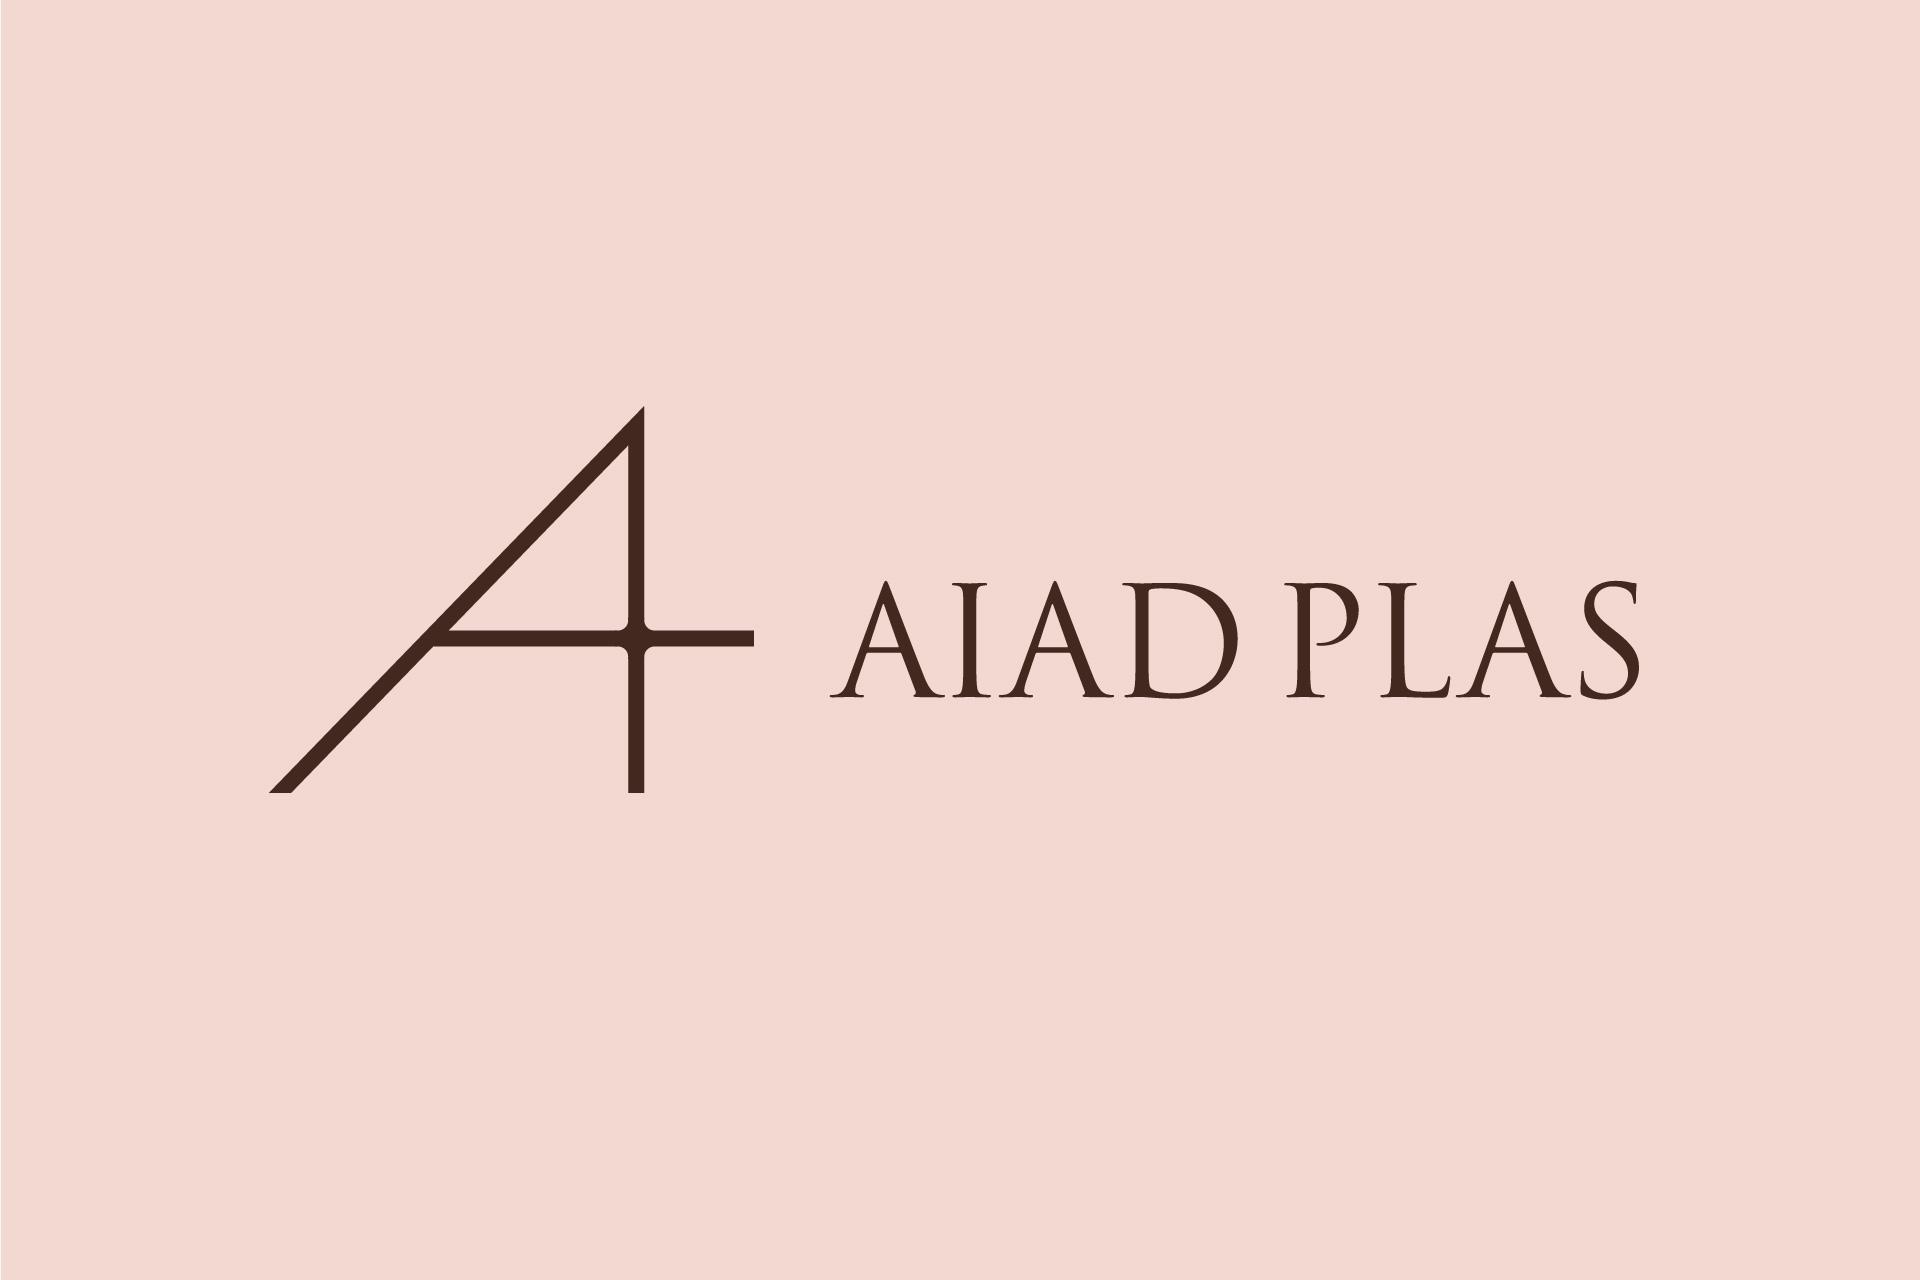 AIAD PLAS